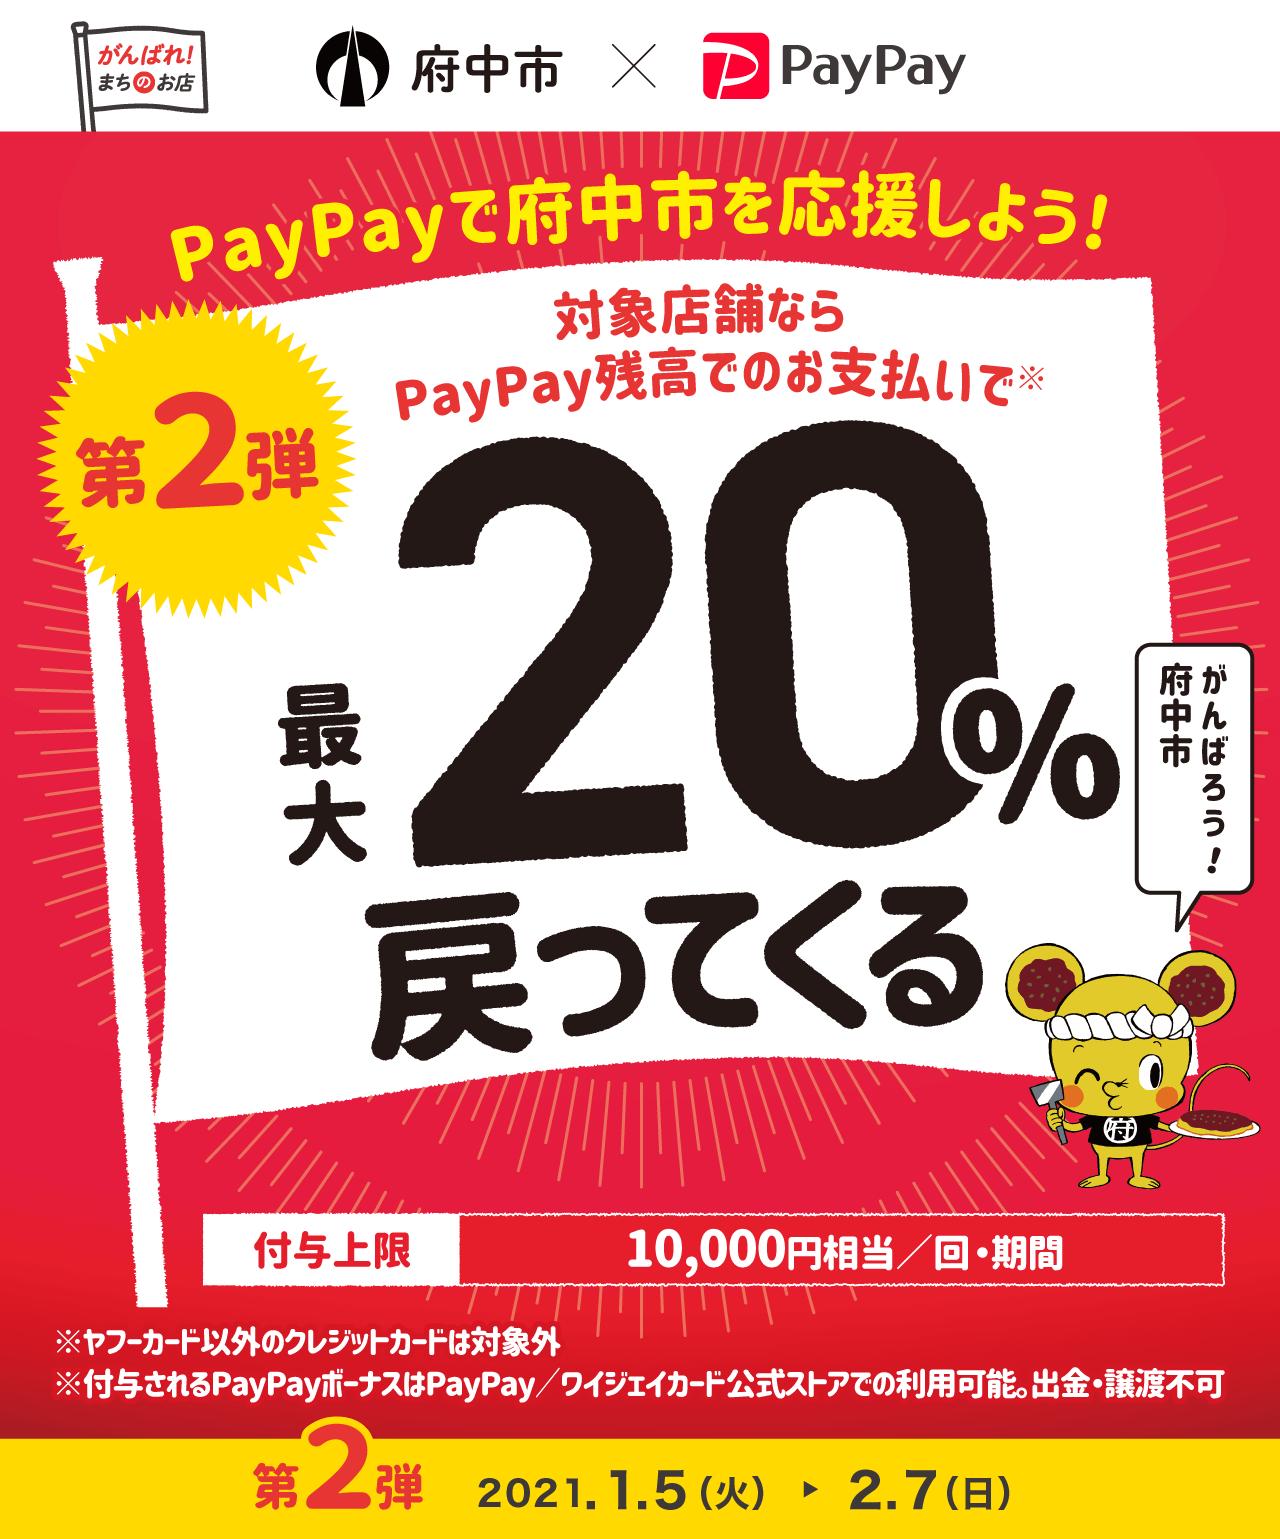 PayPayで府中市を応援しよう! 第2弾 対象店舗ならPayPay残高でのお支払いで 最大20%戻ってくる